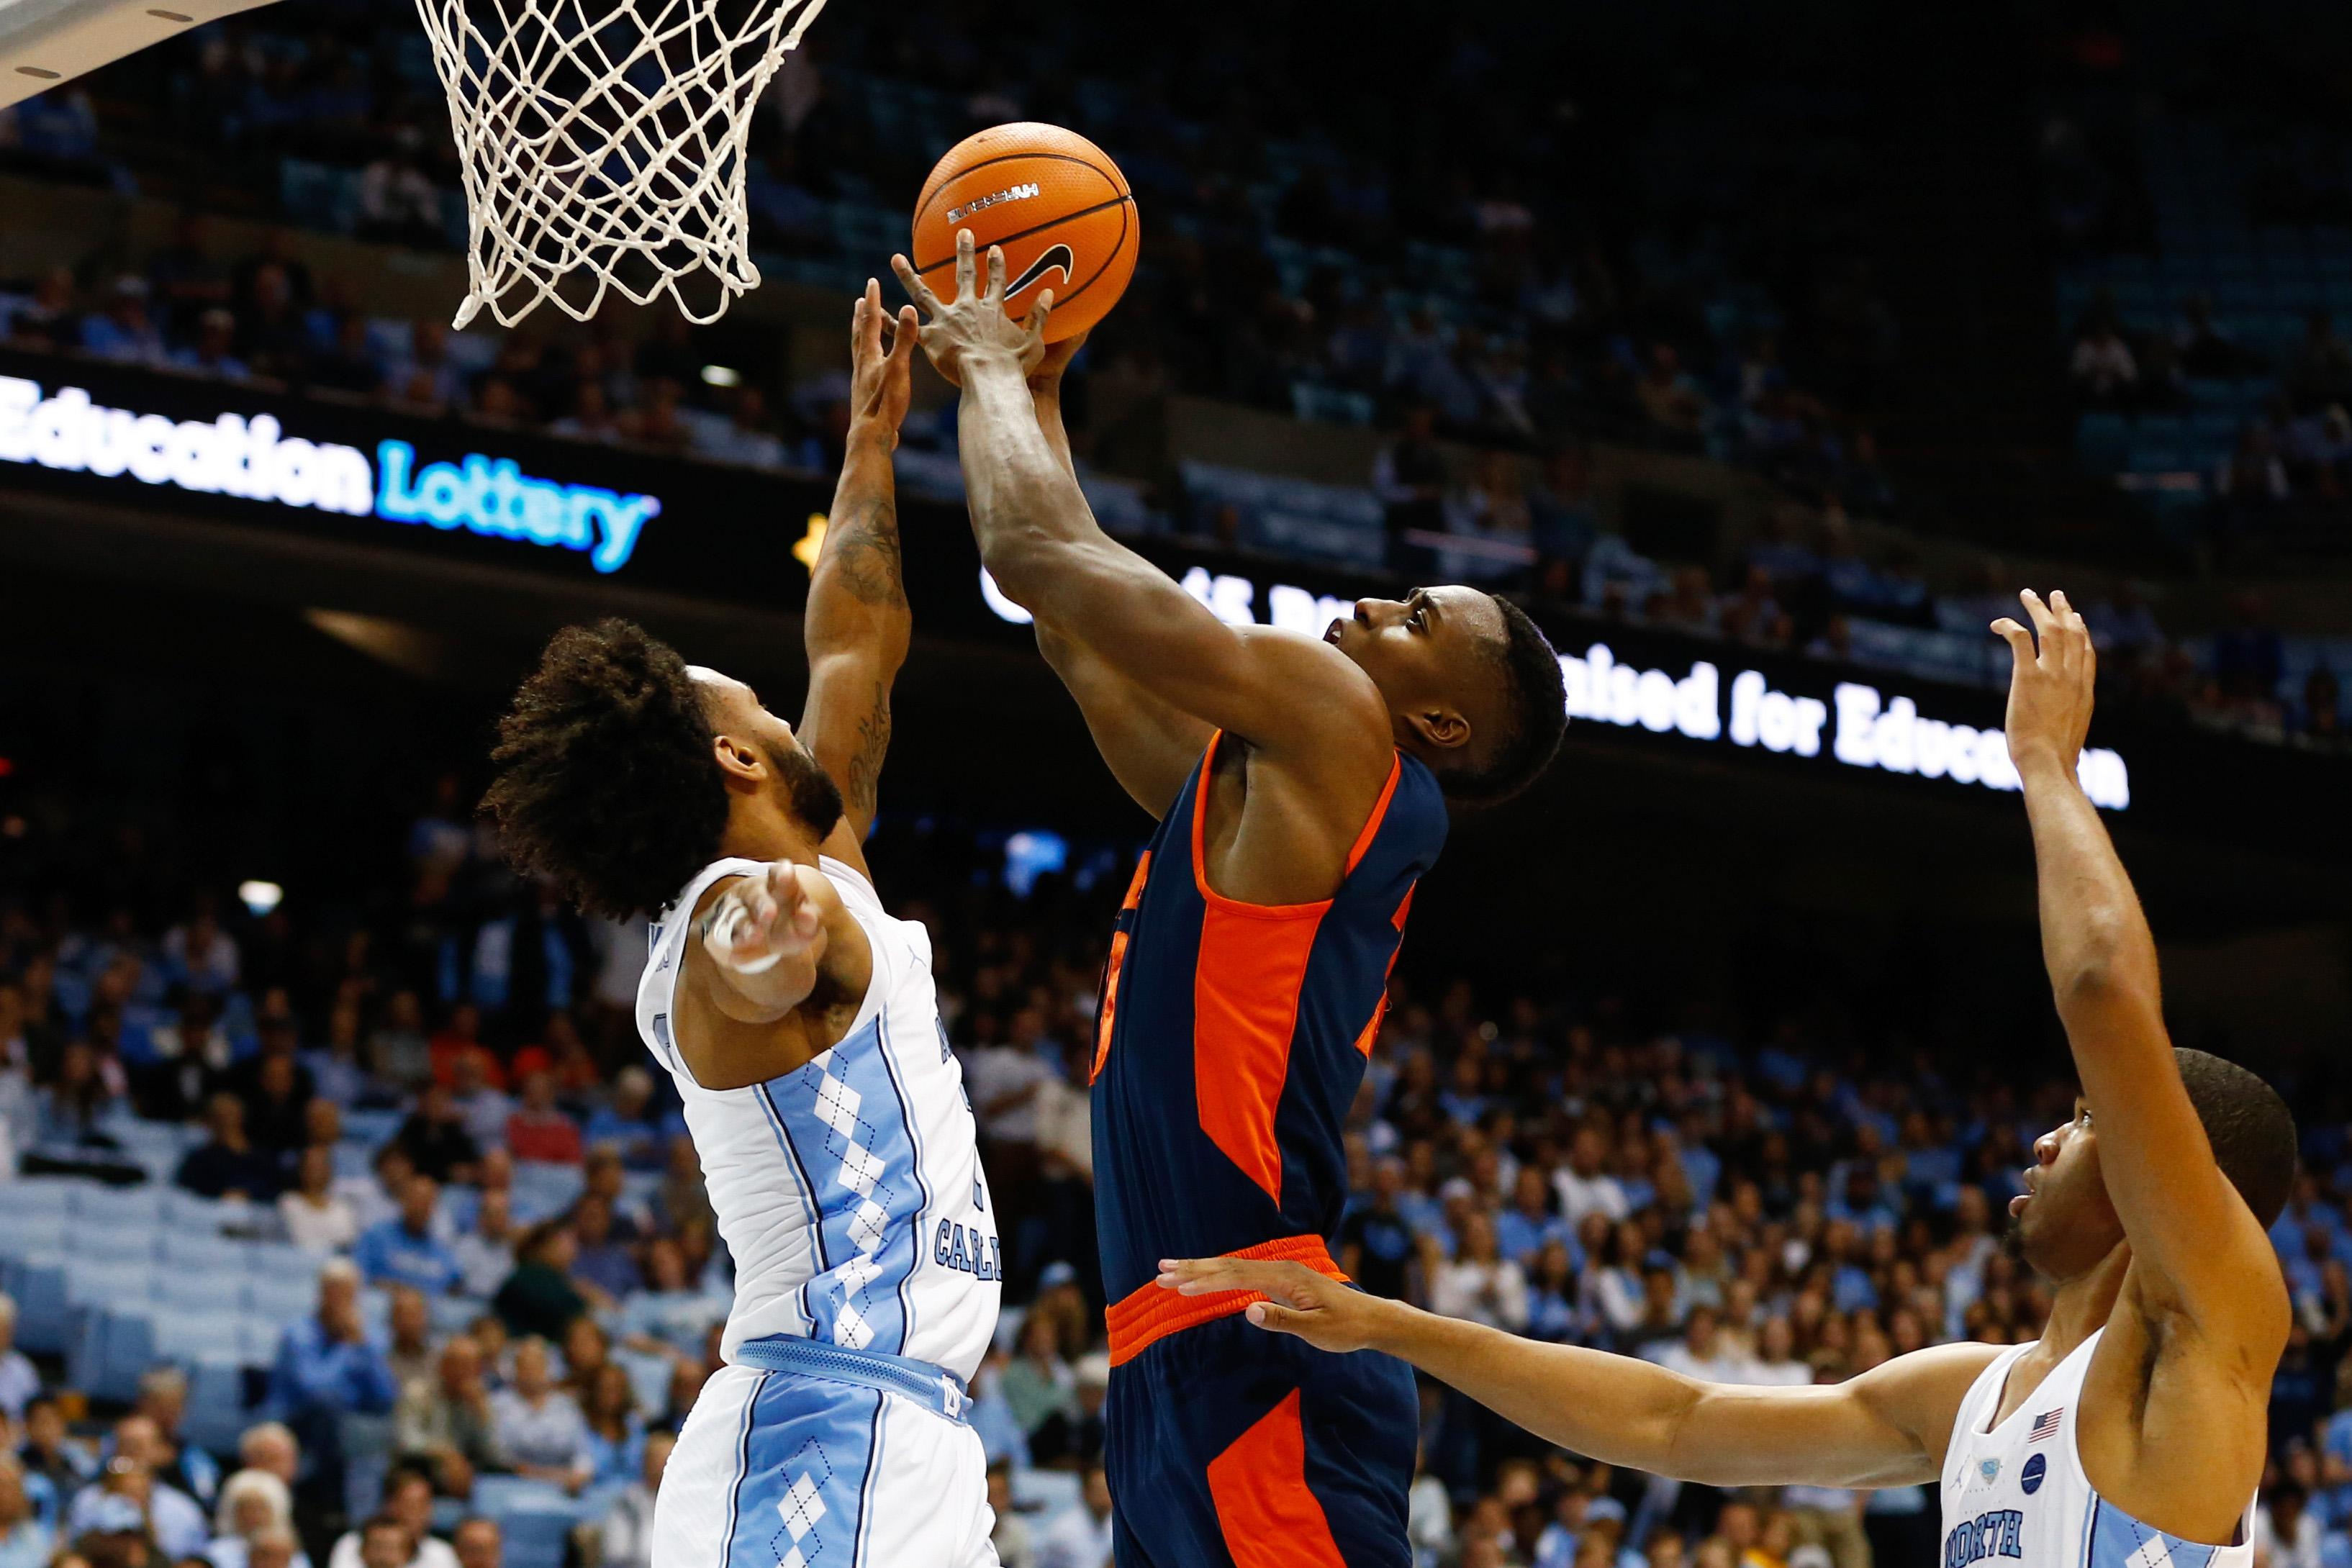 NCAA Basketball: Bucknell at North Carolina